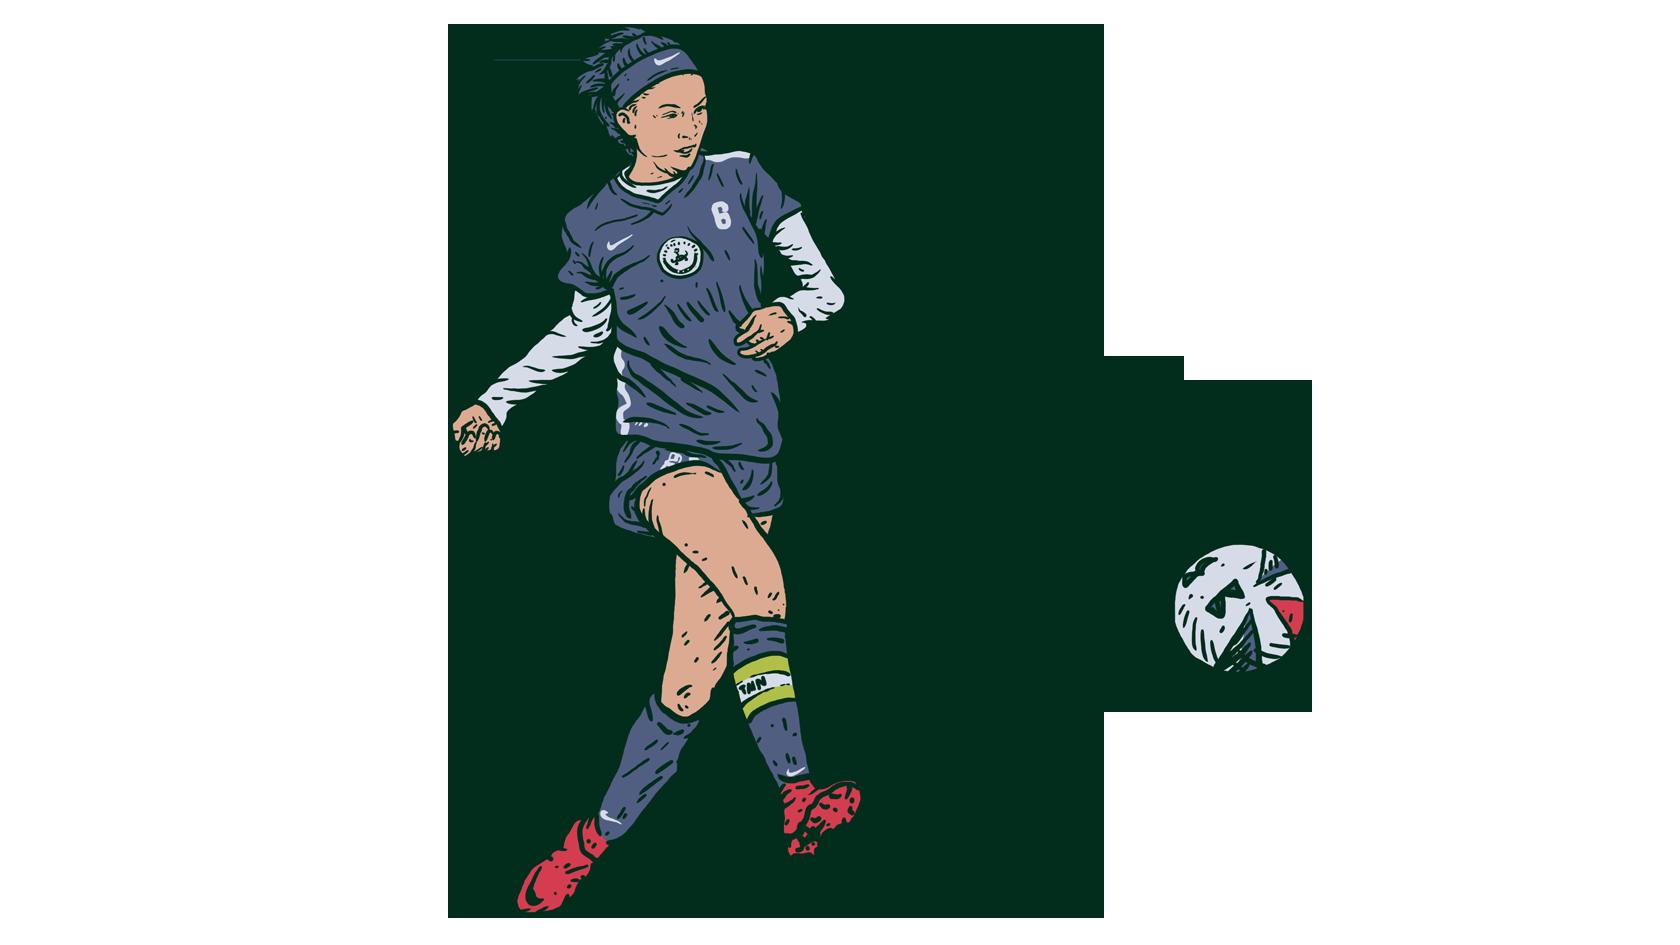 U12 Soccer Drills